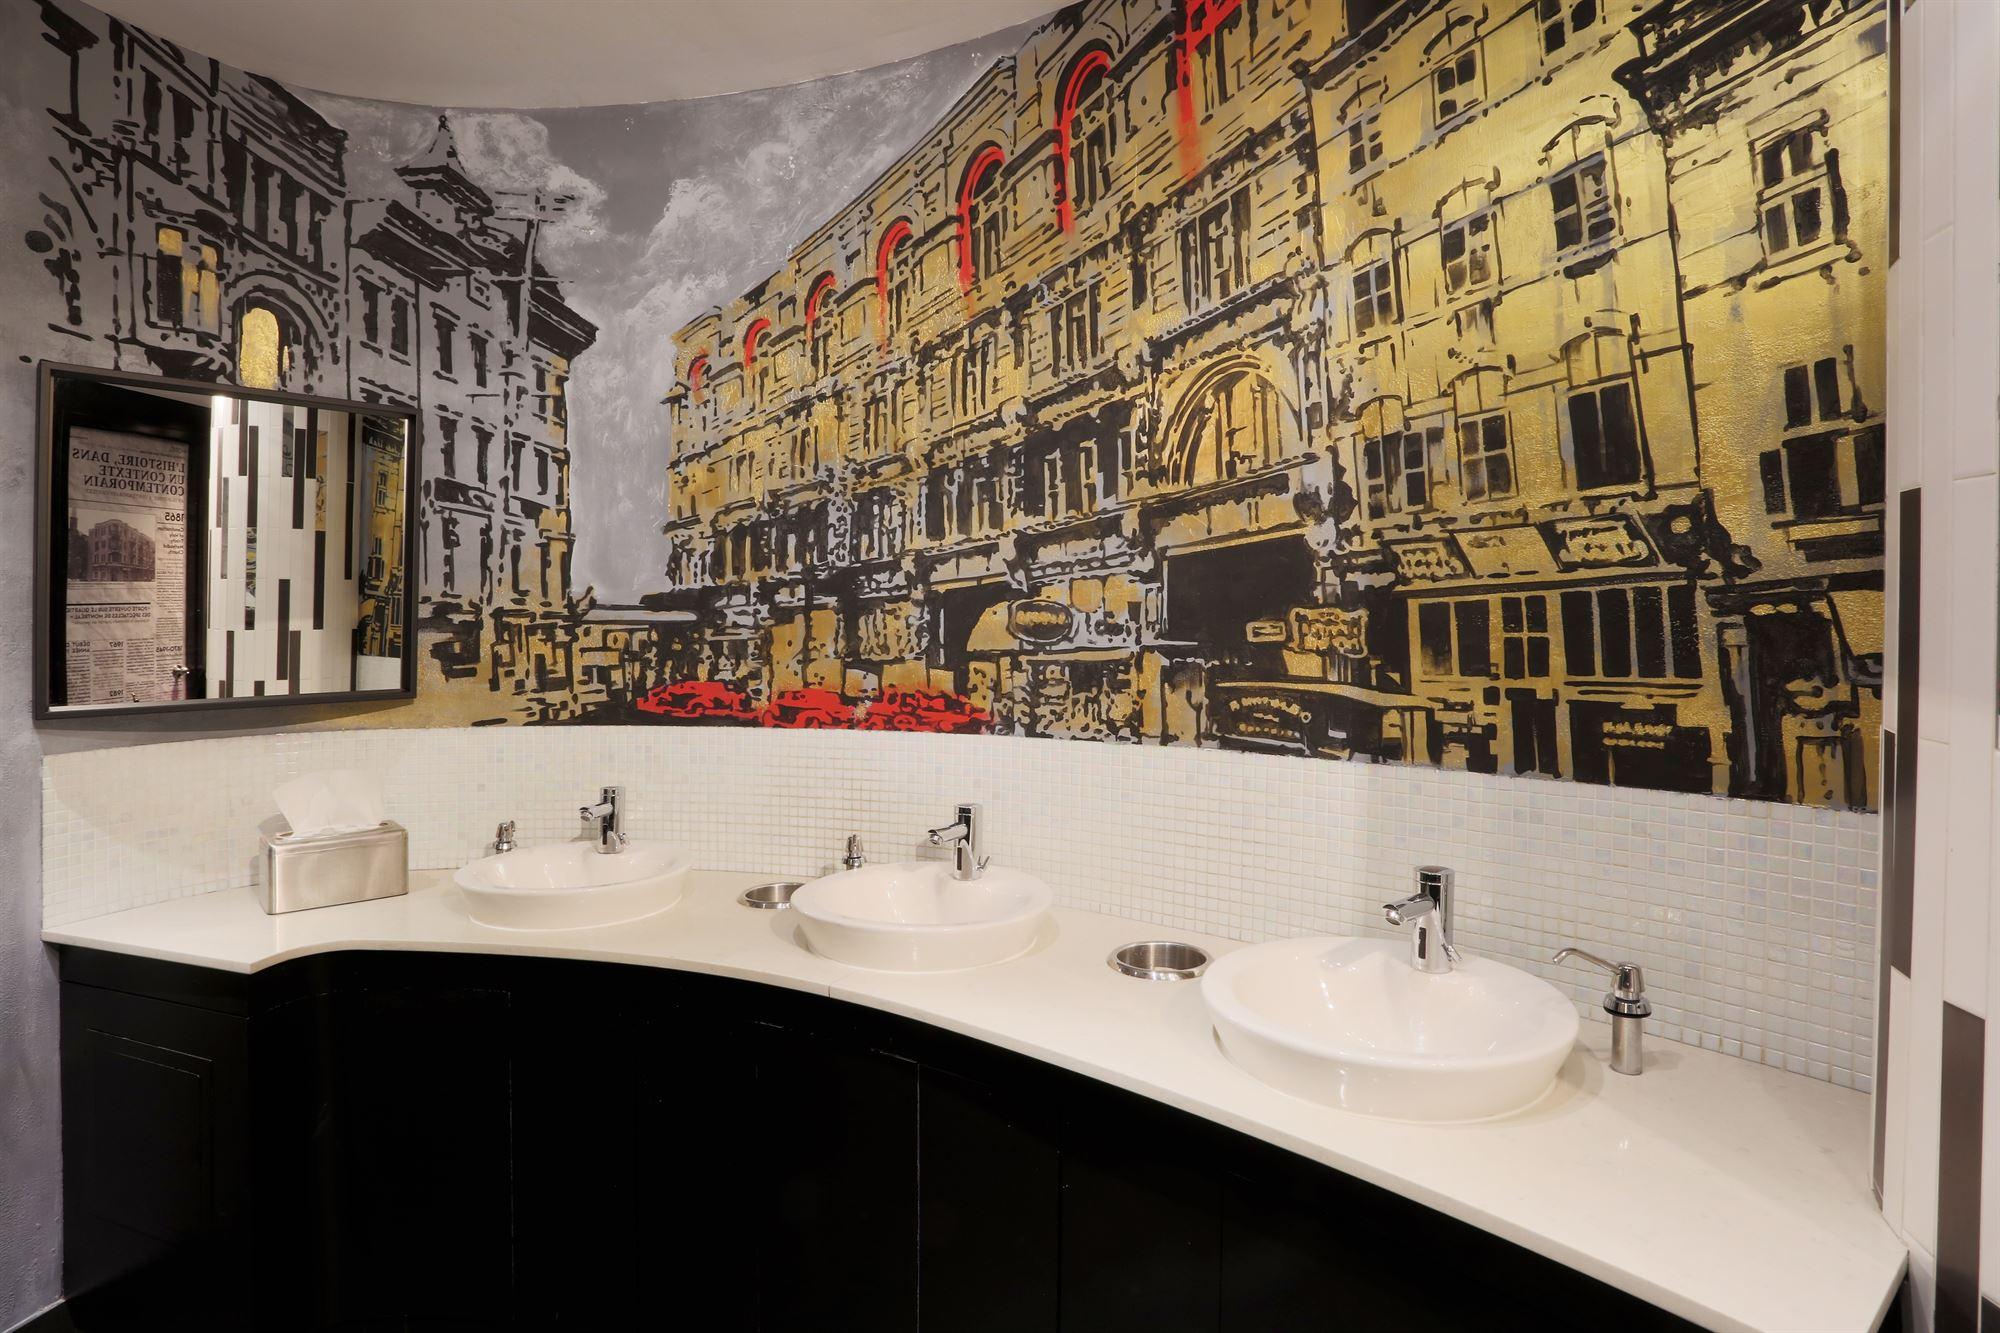 Eviers Toilettes Publiques-HOTEL10